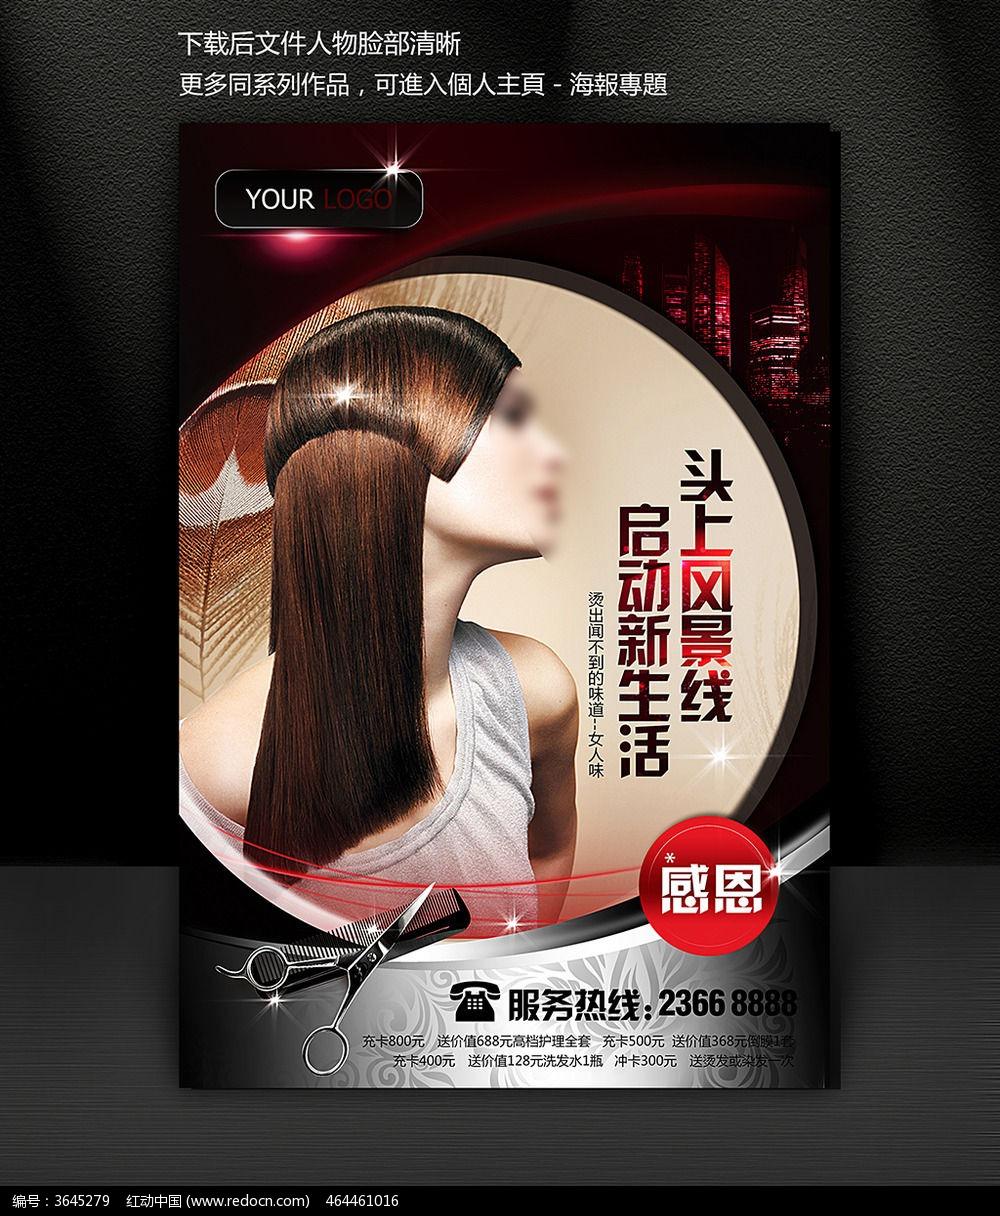 标签:美发海报 美发造型 发型 美发护理 理发店海报 美发美女 美容美